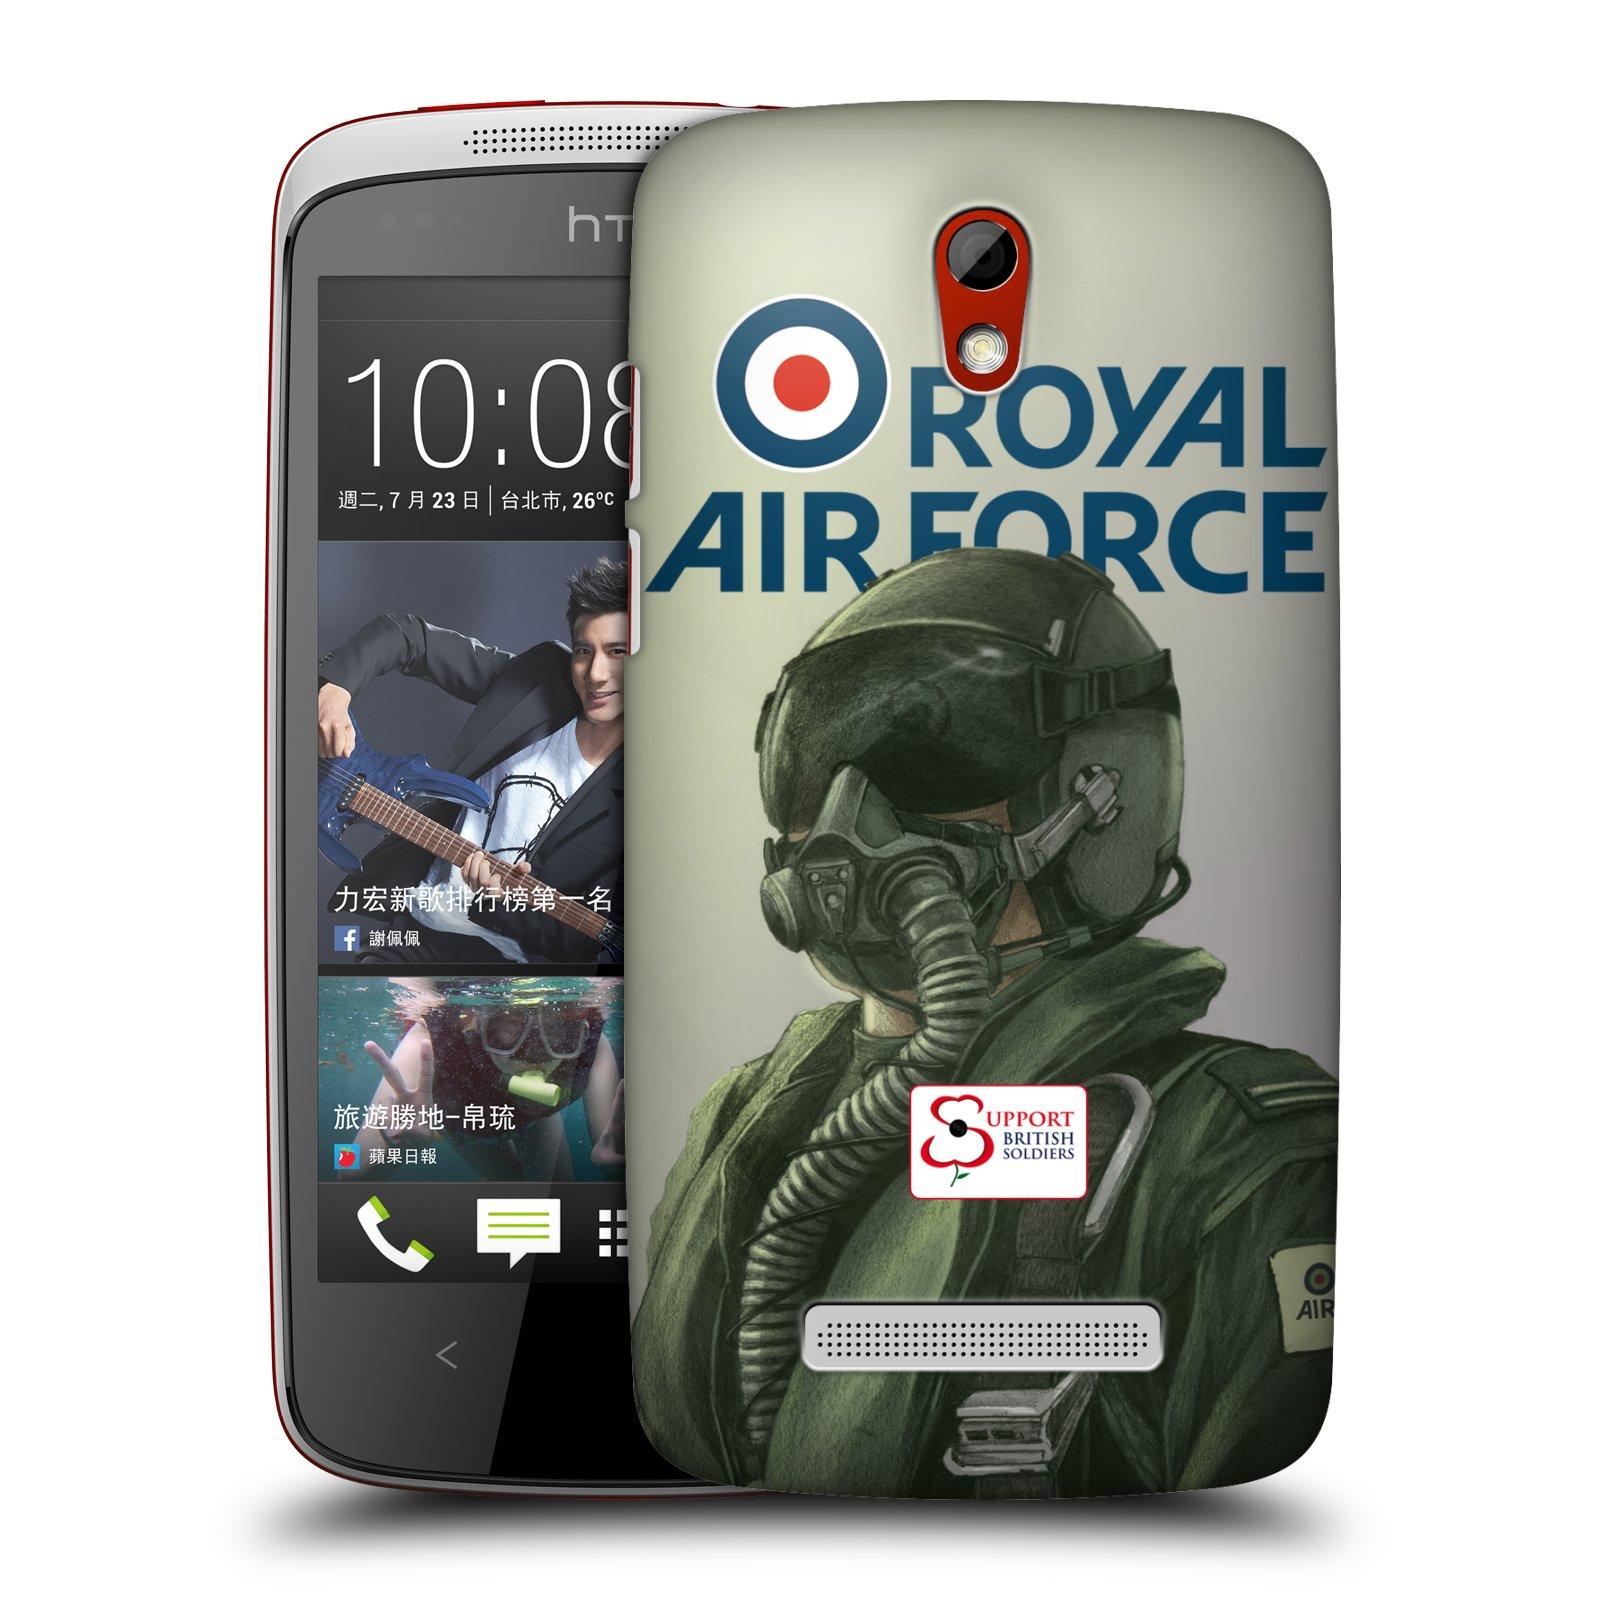 Plastové pouzdro na mobil HTC Desire 500 HEAD CASE Royal Air Force (Kryt či obal na mobilní telefon HTC Desire 500)